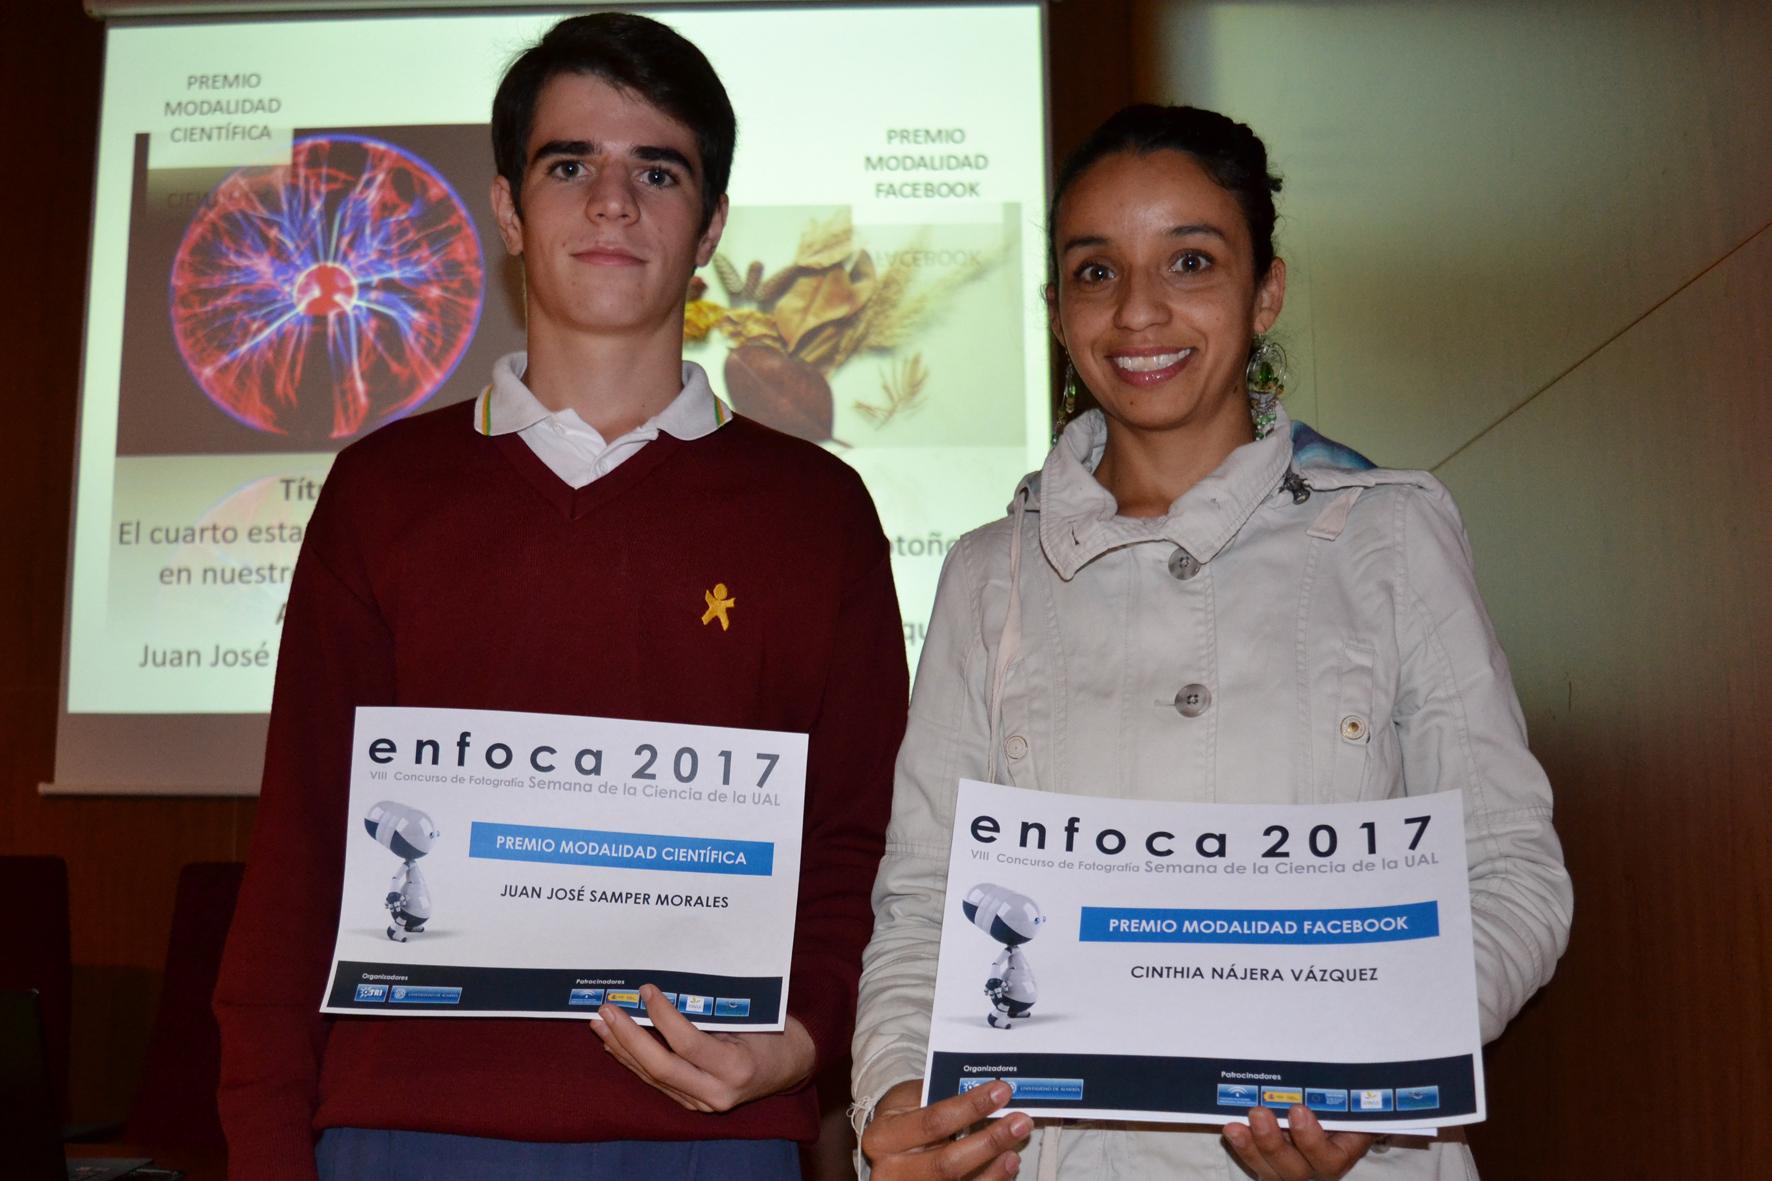 Cinthia Nájera y Juan José Samper, ganadores del concurso fotográfico ENFOCA